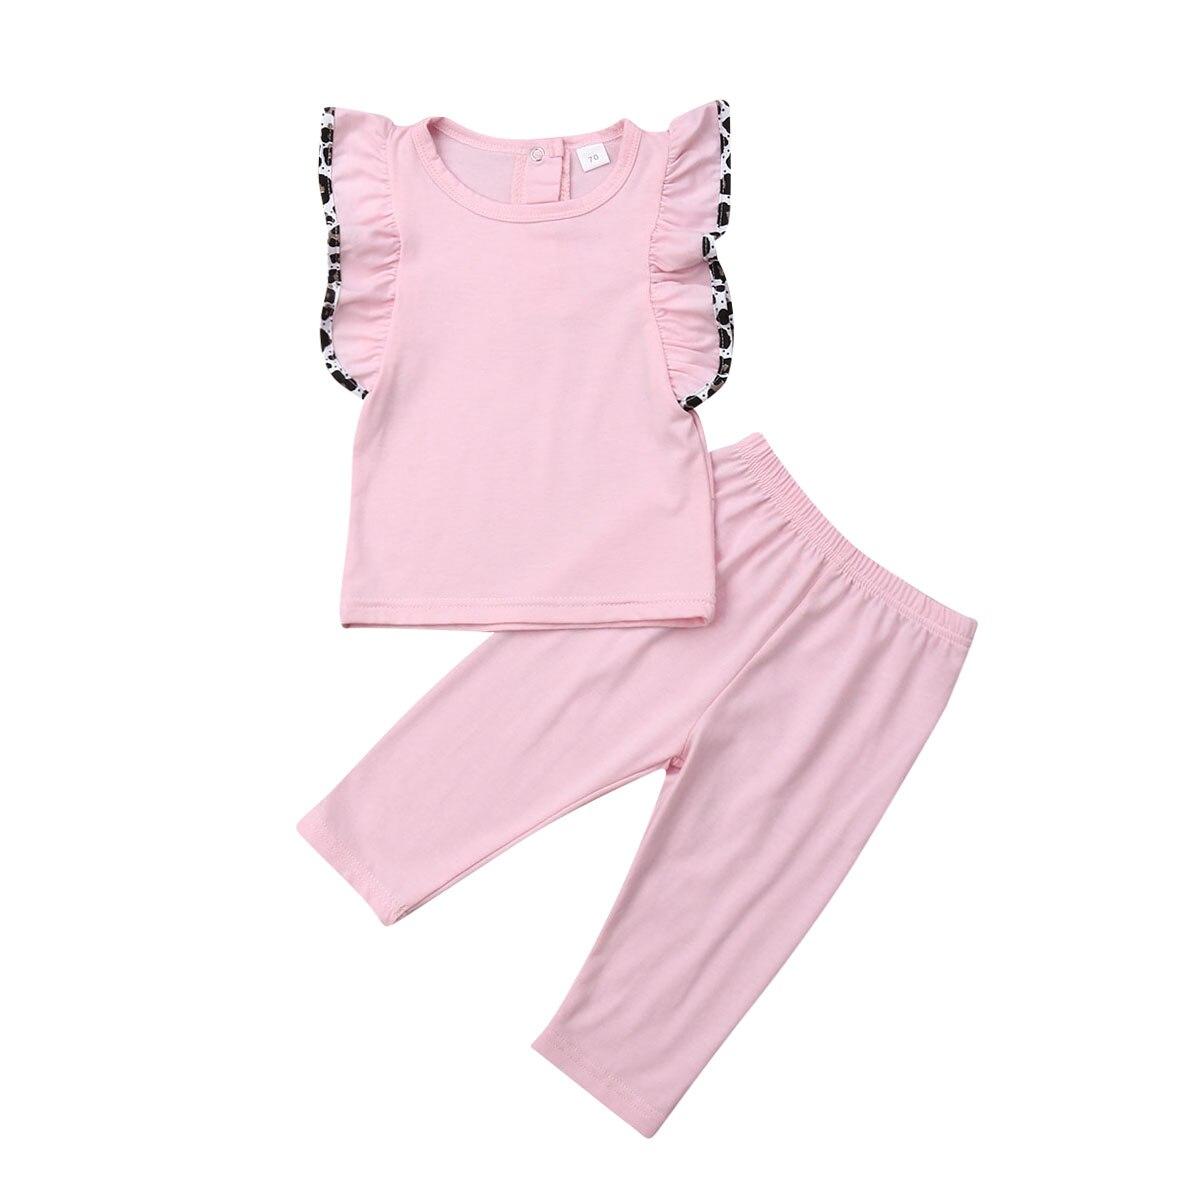 0-24 M Nette Neugeborene Baby Mädchen Rüschen Ärmellose Weste Tops Lange Hose Legging 2 Pcs Outfits Baby Mädchen Kleidung Set Bestellungen Sind Willkommen.